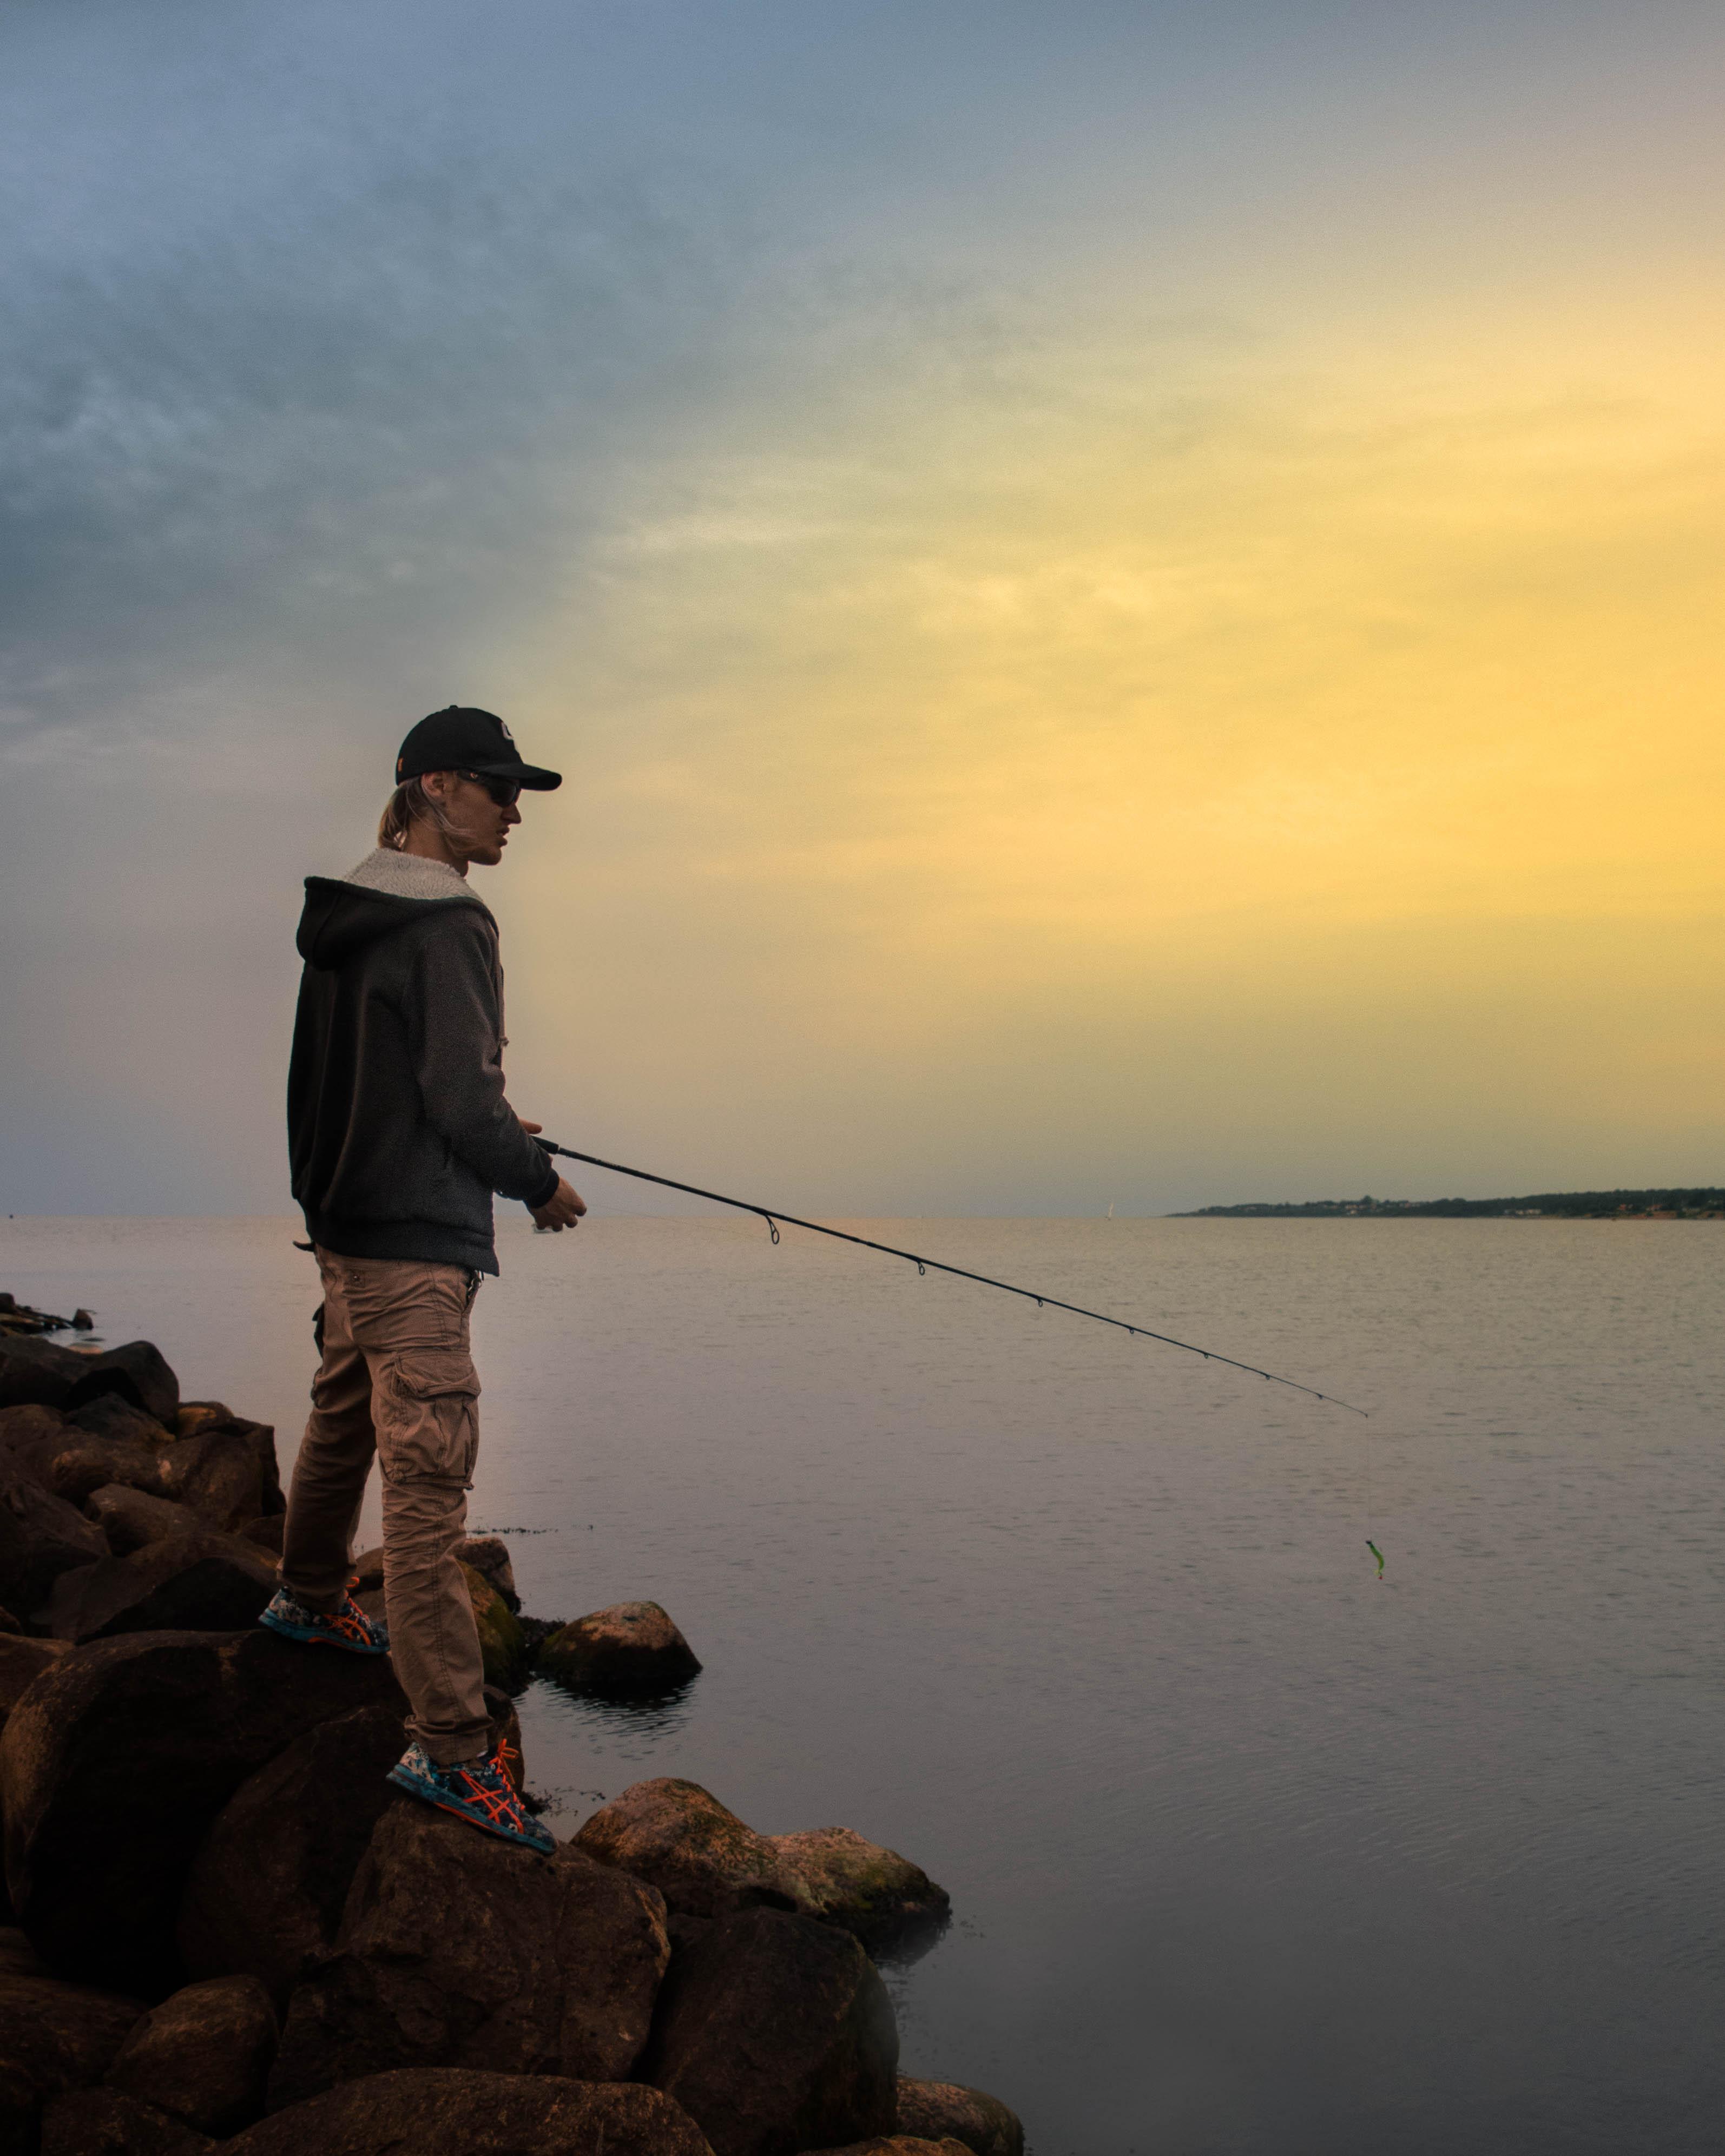 fishing evening light.jpg